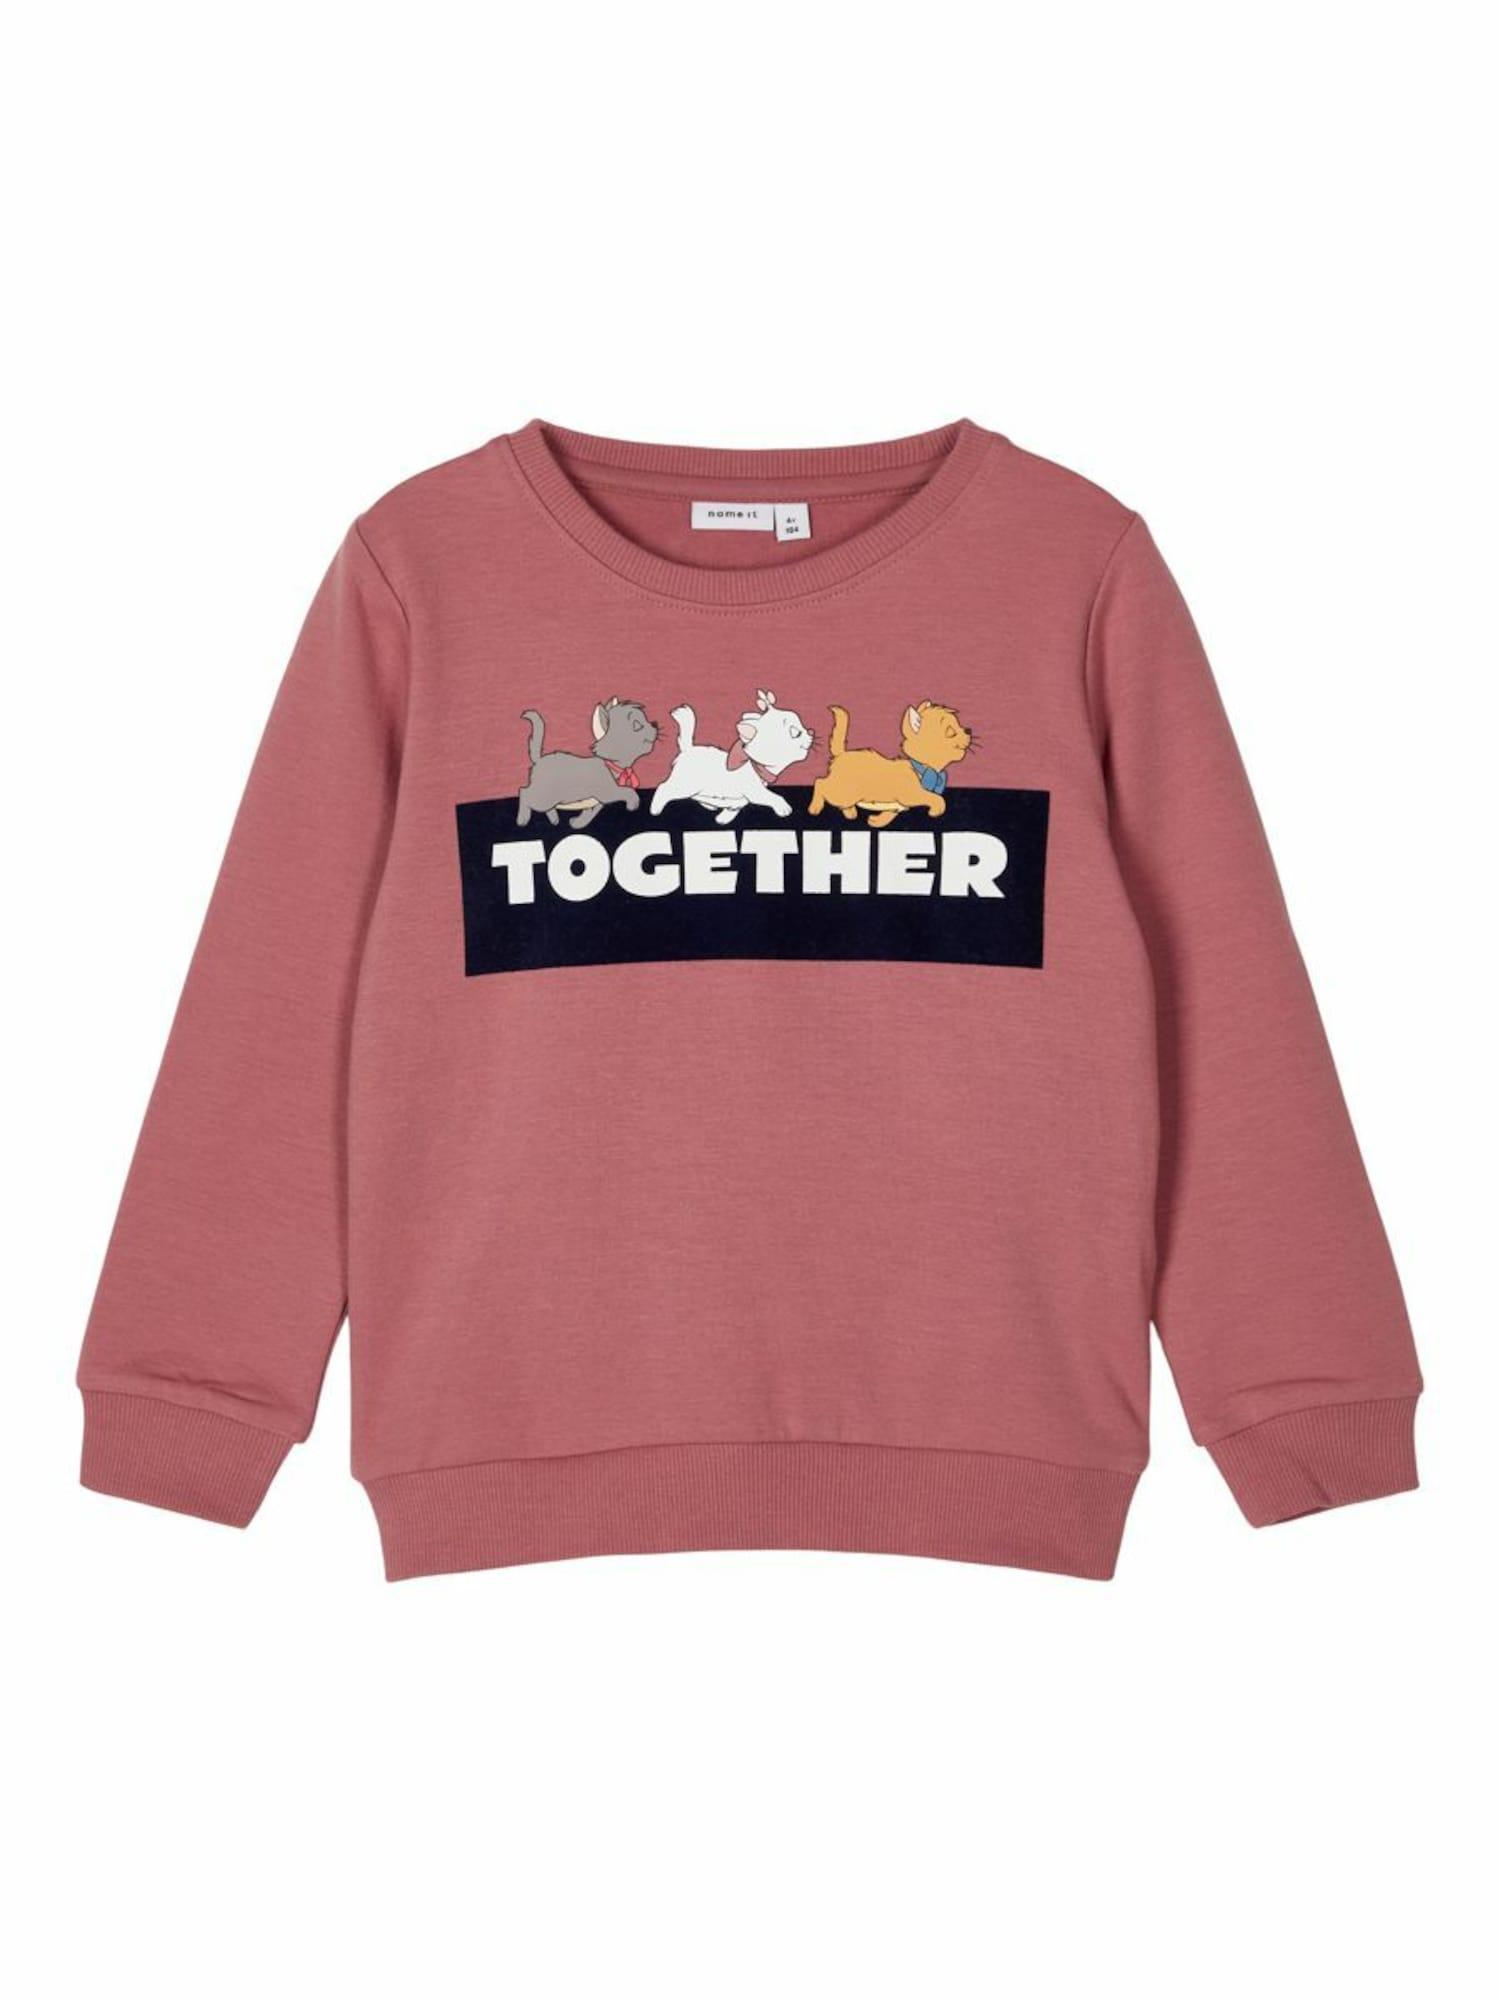 NAME IT Megztinis be užsegimo ryškiai rožinė spalva / juoda / pilka / balta / šafrano spalva